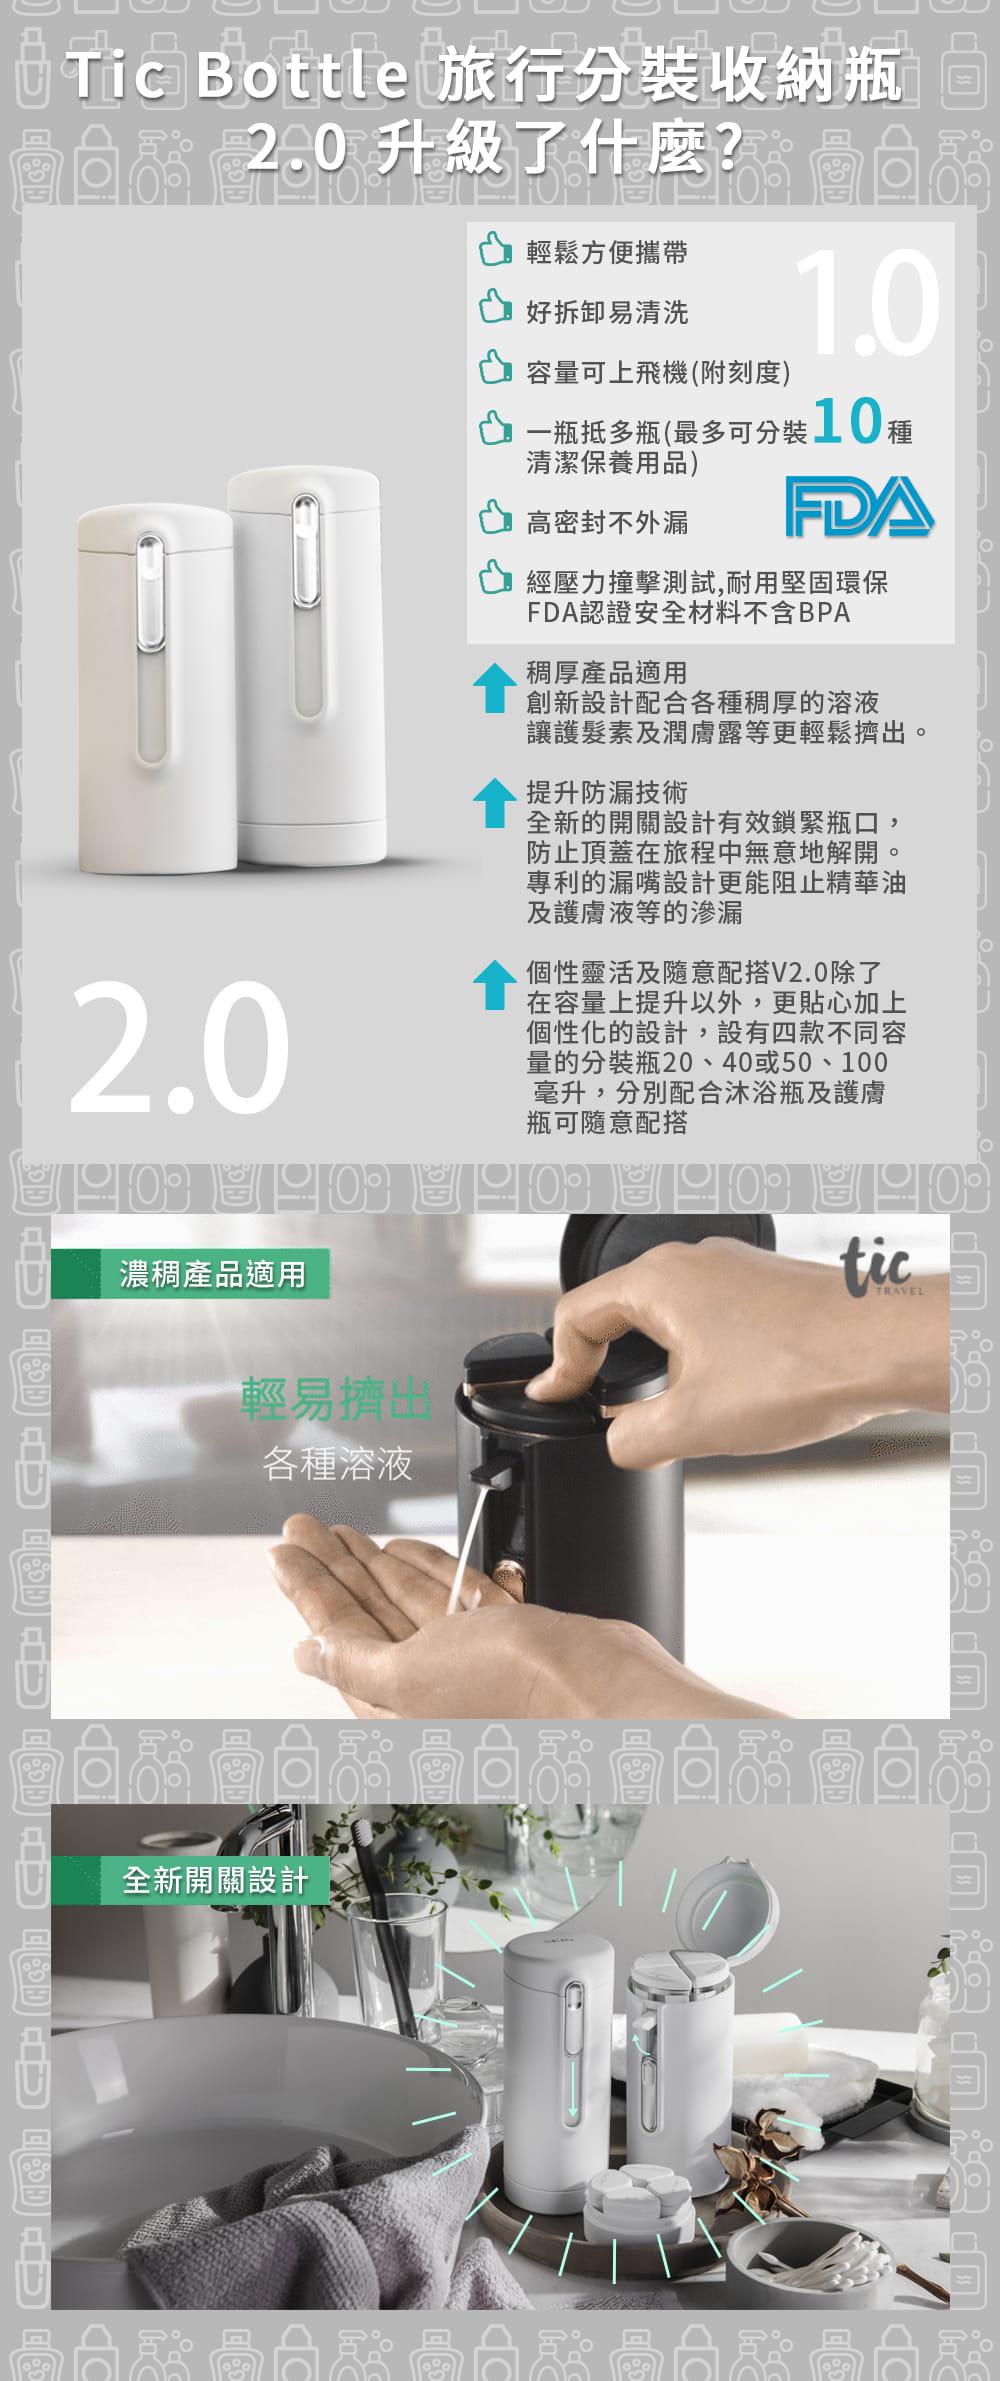 Tic Bottle 旅行分裝收納瓶 V2.0- 保養組 3